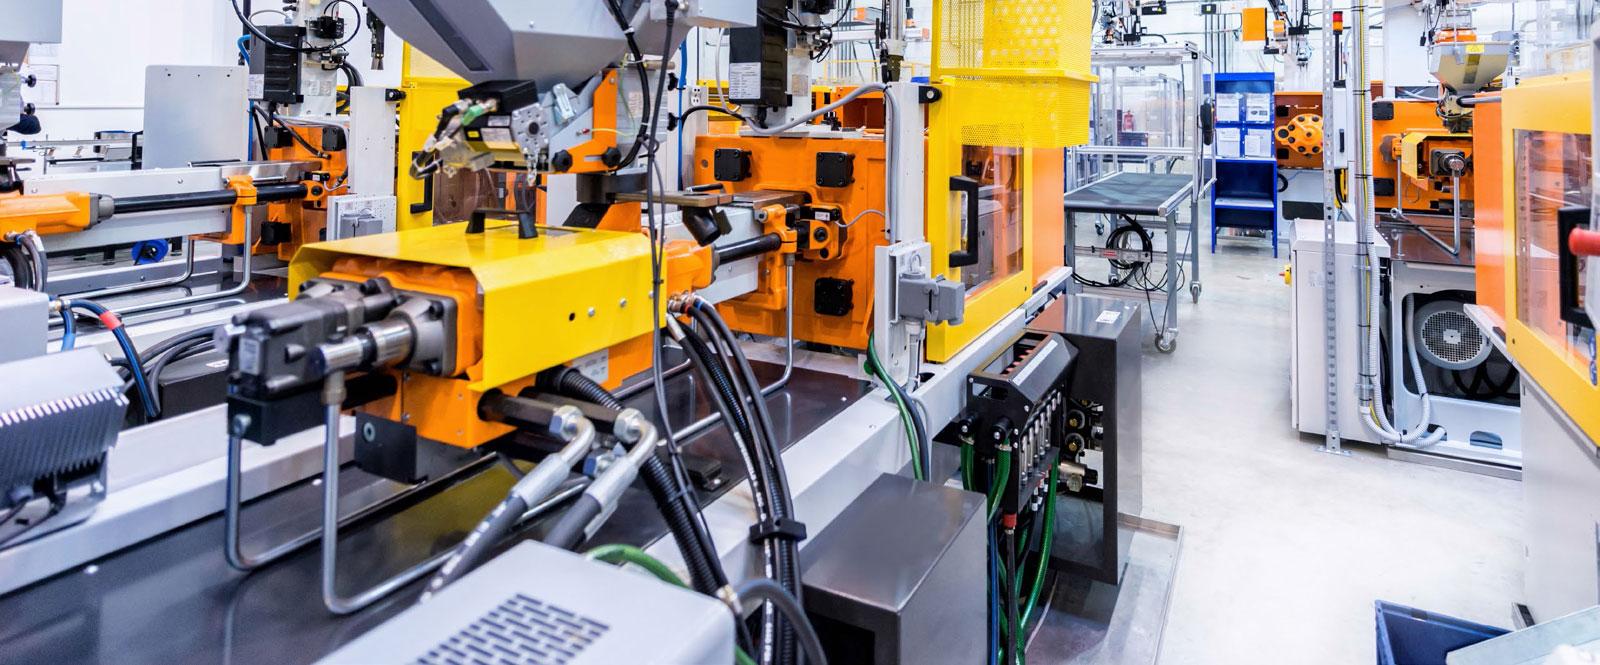 nicelabel-anwenderbericht-nicelabel-lms-standardisiert-unternehmensweiten-etikettendruck-bei-siemens